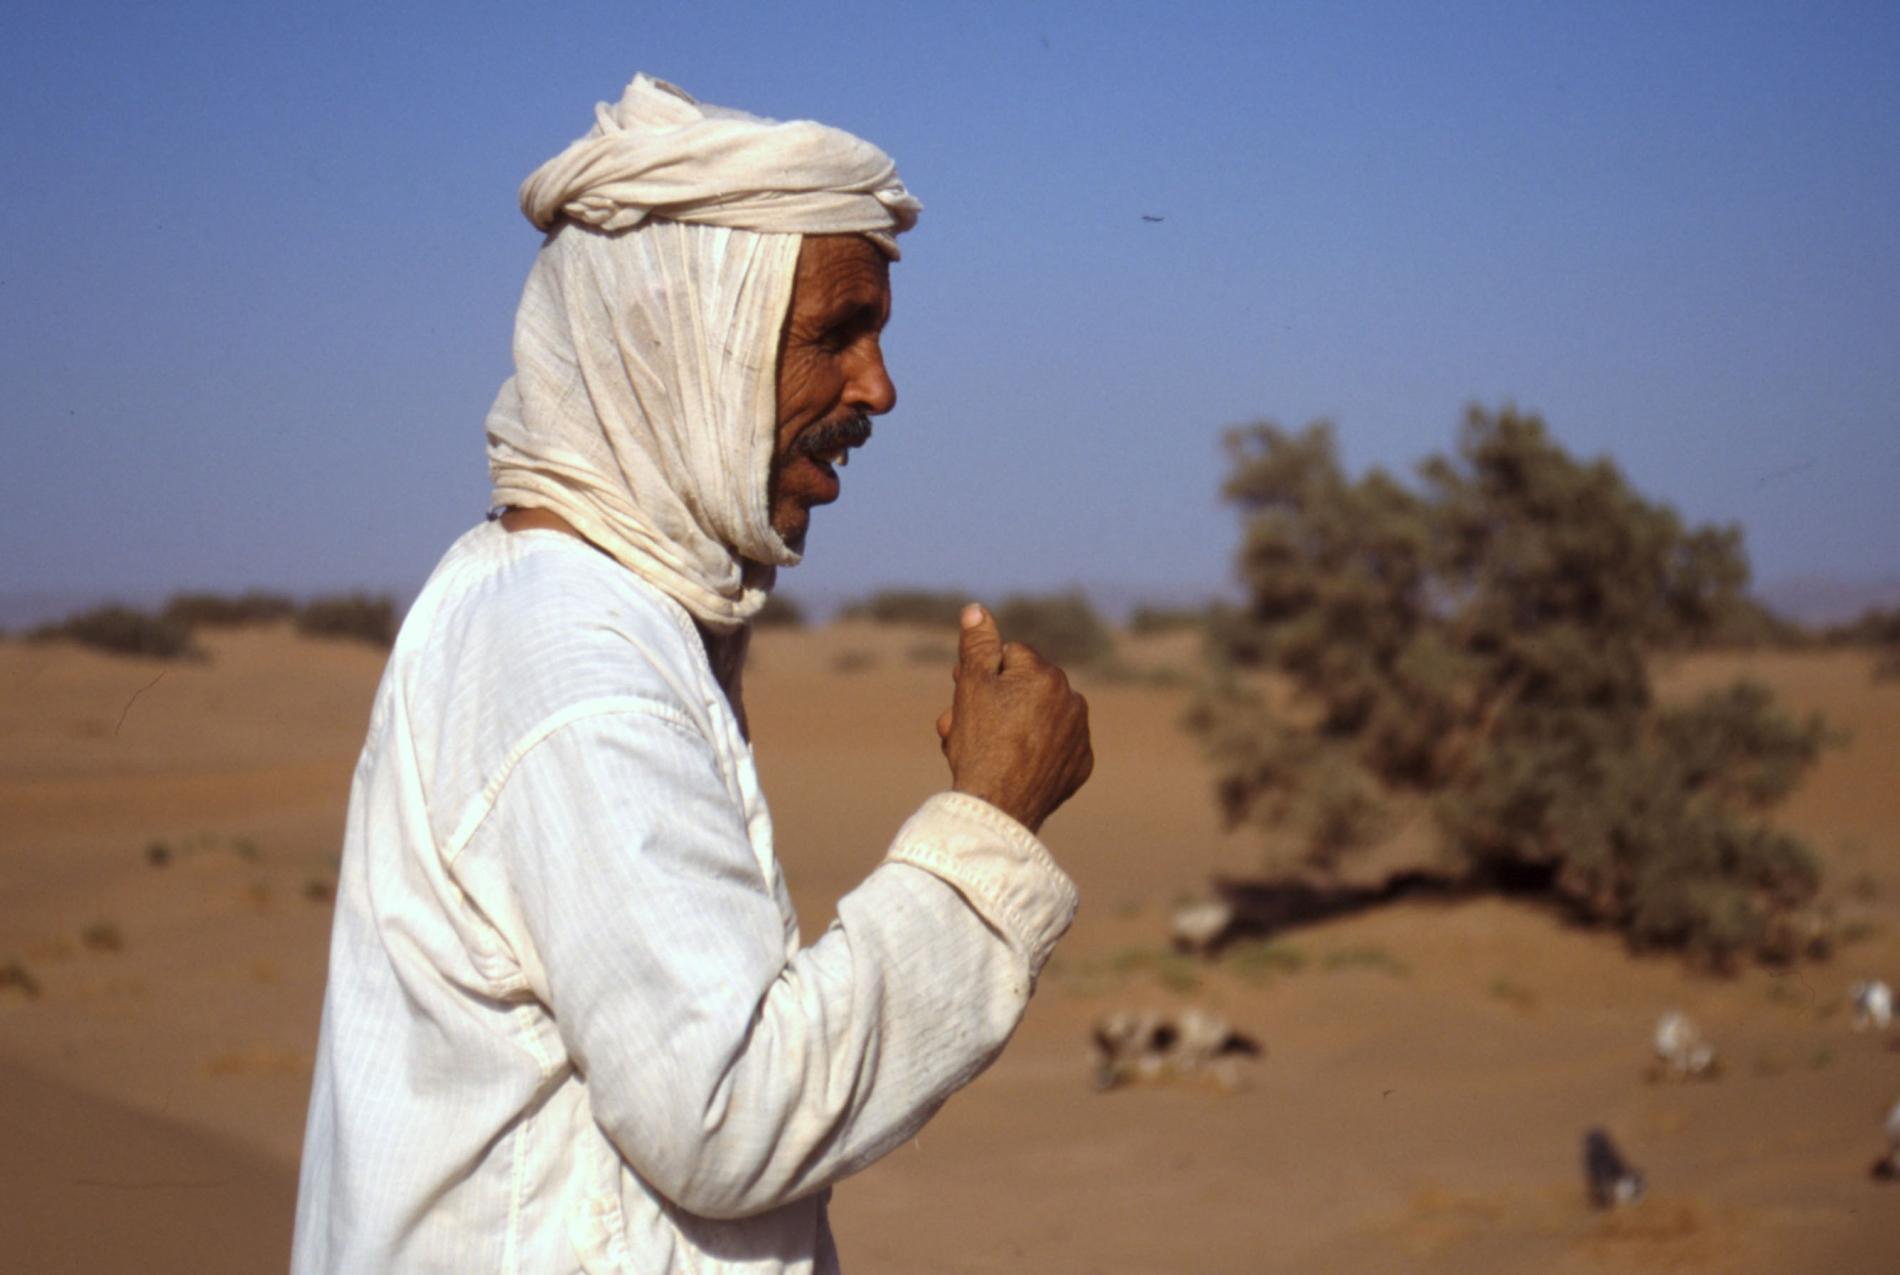 Voyage solidaire Maroc : Vision du Monde - Photo 3